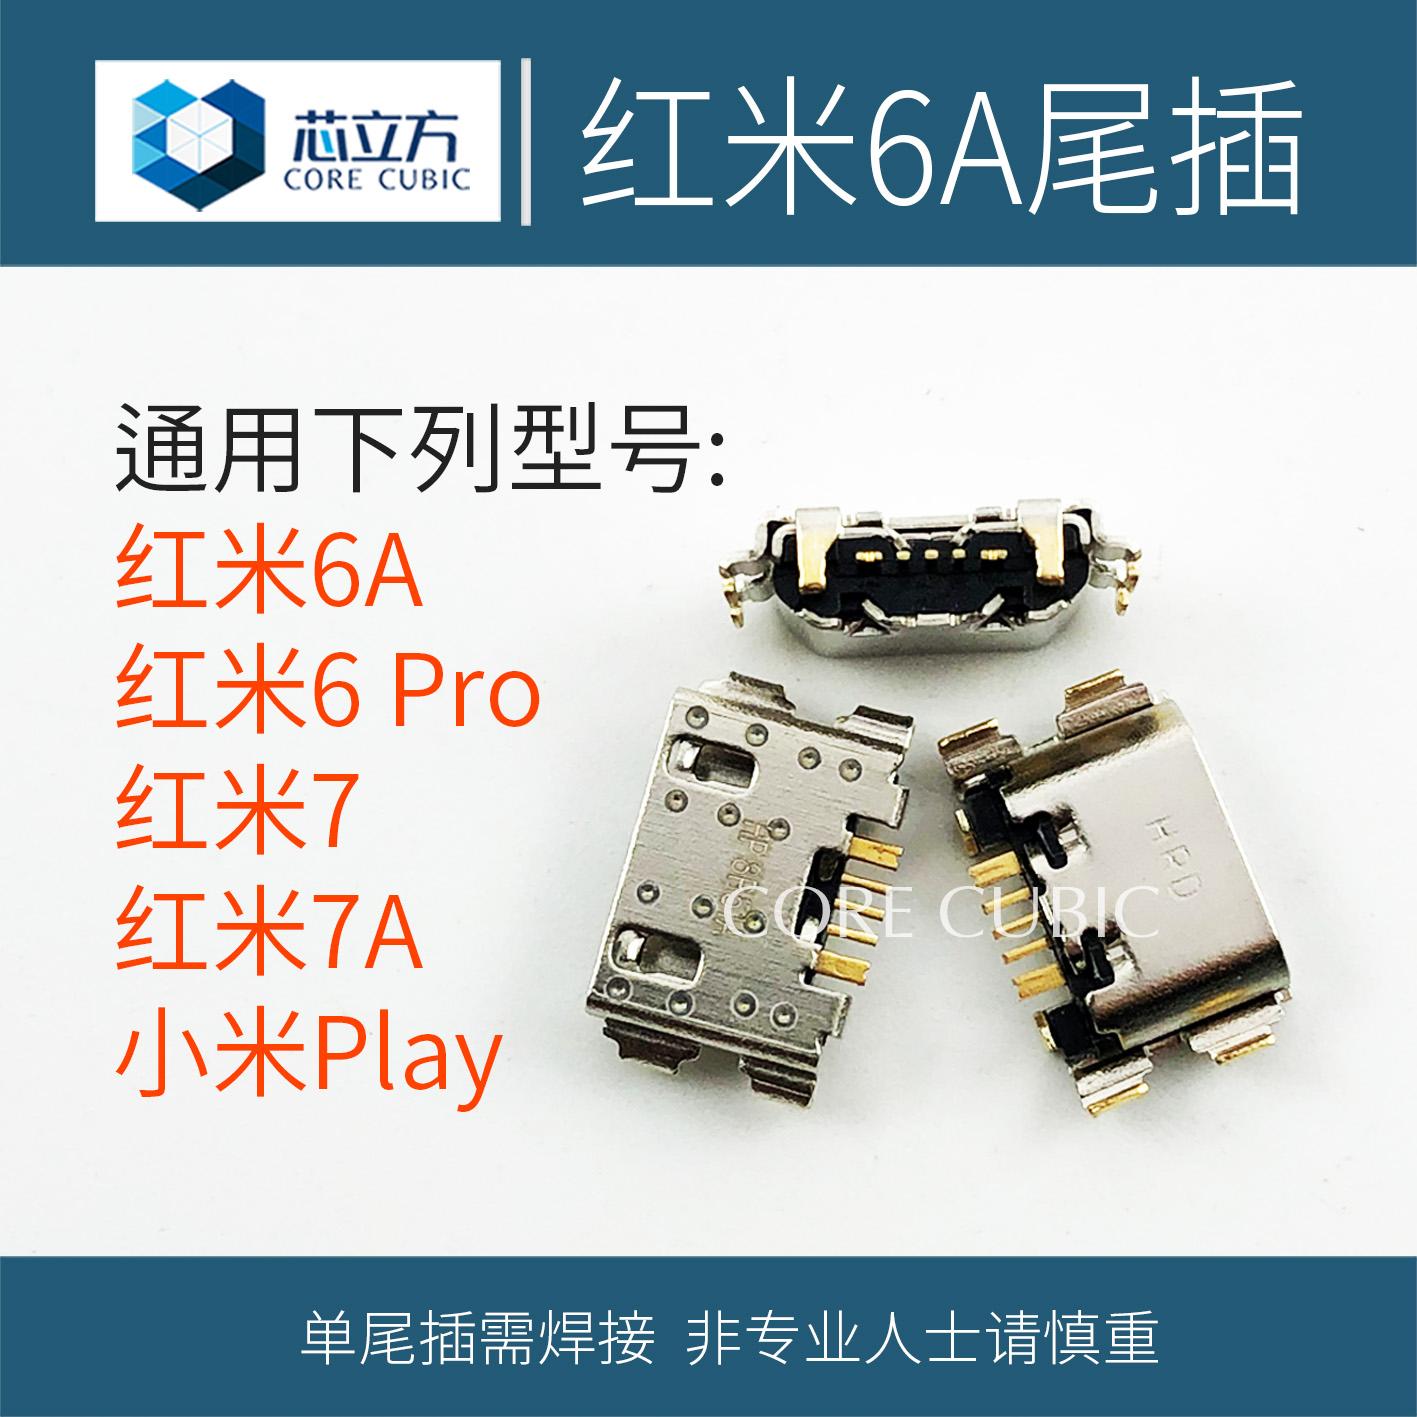 适用红米6A红米6Pro红米7/7A小米play安卓手机尾插接口充电口配件